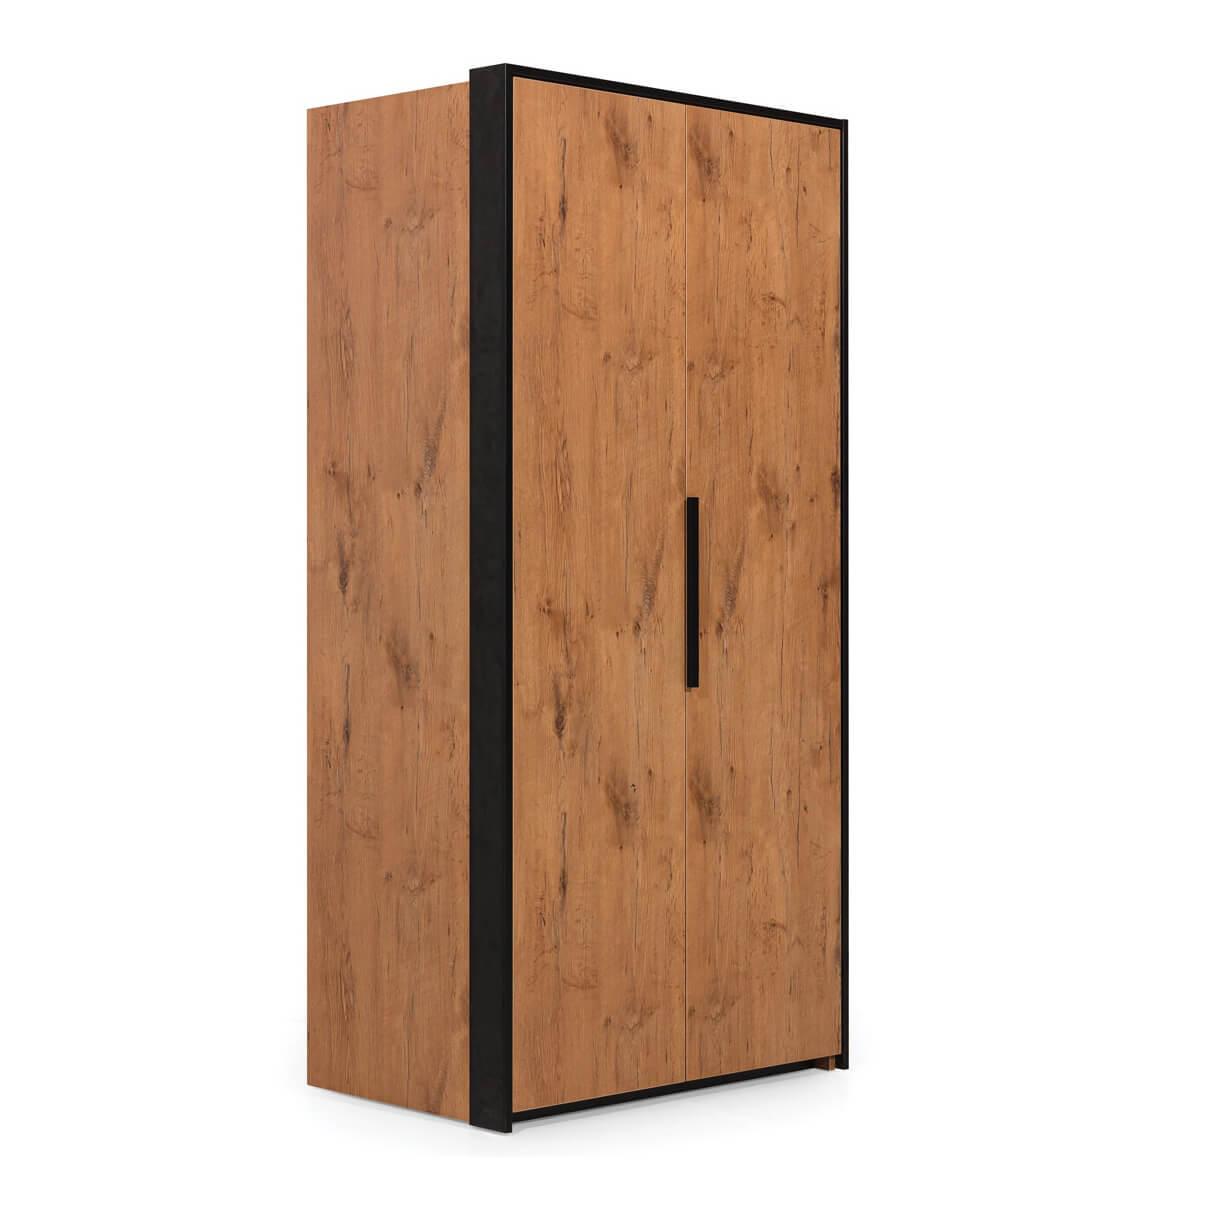 Двукрилен гардероб Л, колекция Loft